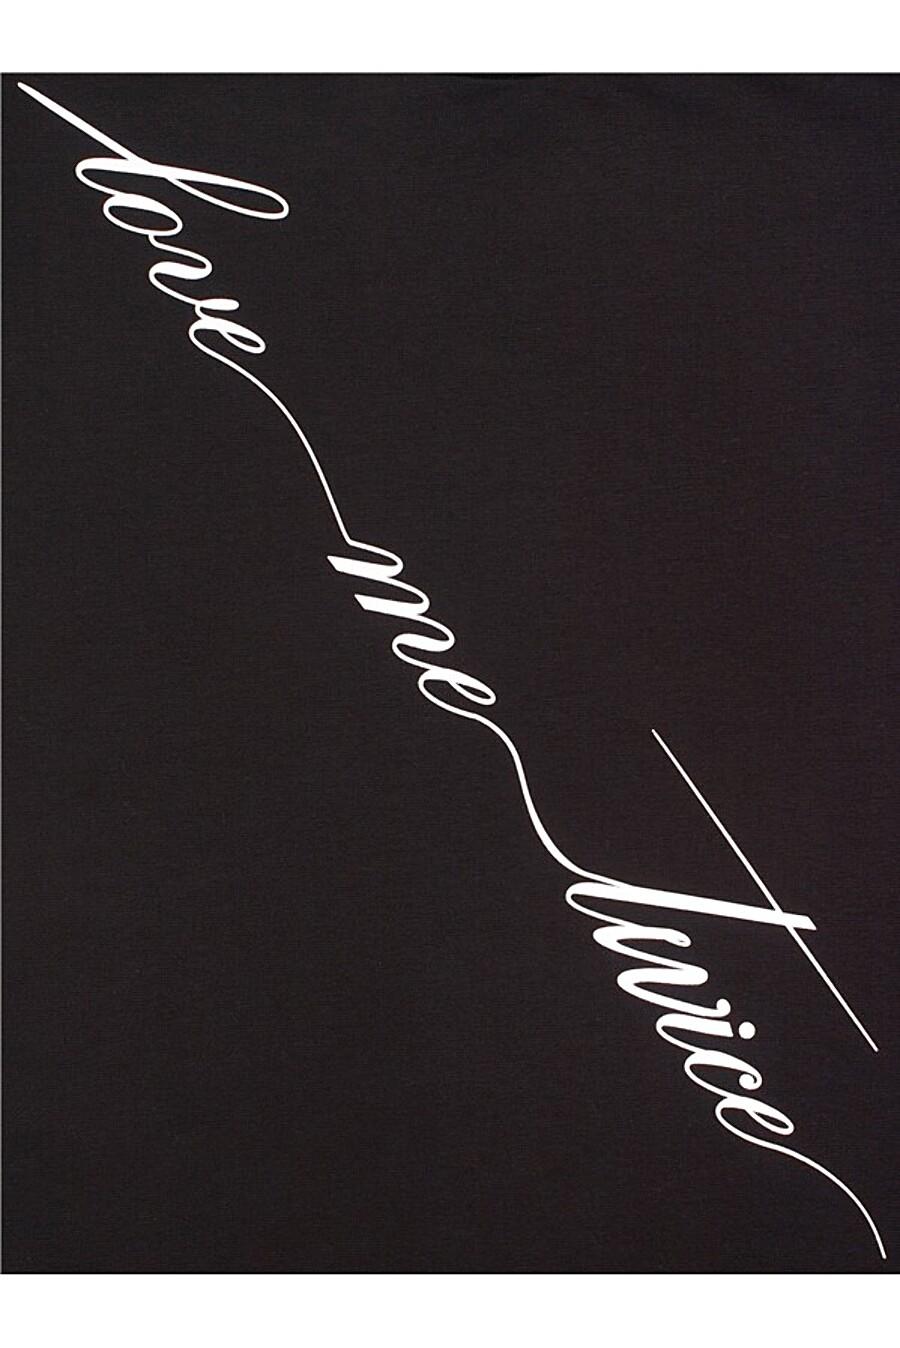 Свитшот для женщин Archi 183996 купить оптом от производителя. Совместная покупка женской одежды в OptMoyo